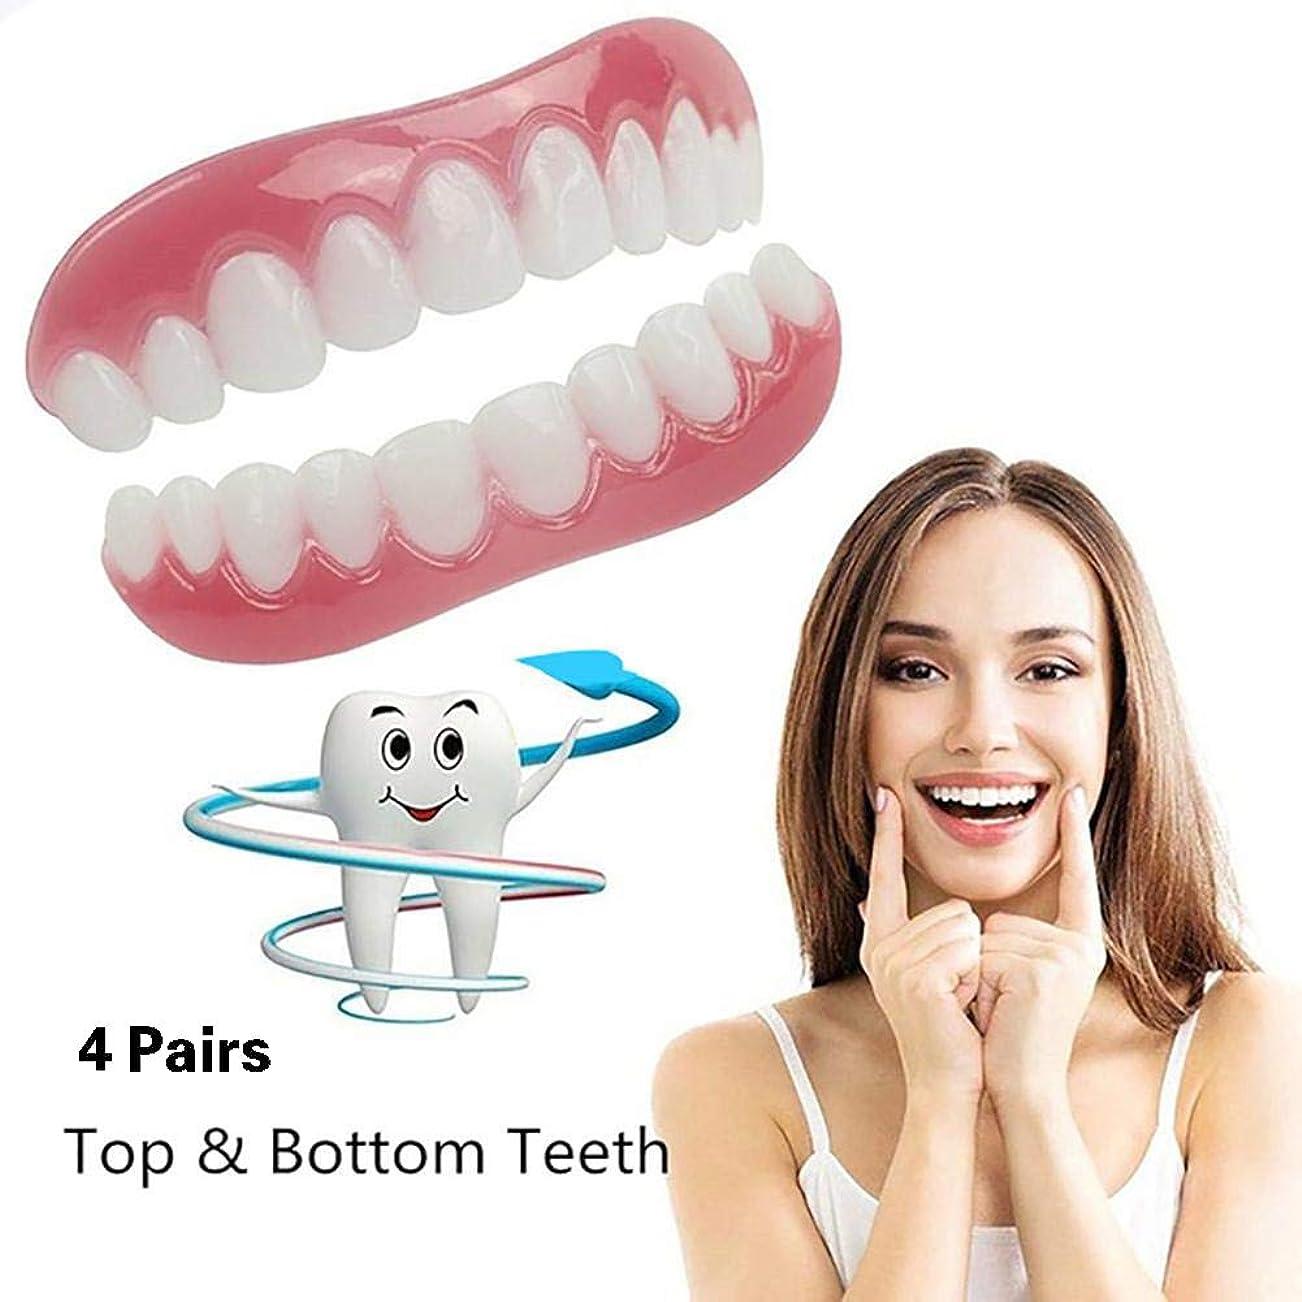 天文学見つける手紙を書く8本のシリコーンの歯のベニヤ化粧品の歯のスナップのしっかりした上部の低い屈曲の歯科ベニヤ義歯の心配を白くする完全な歯